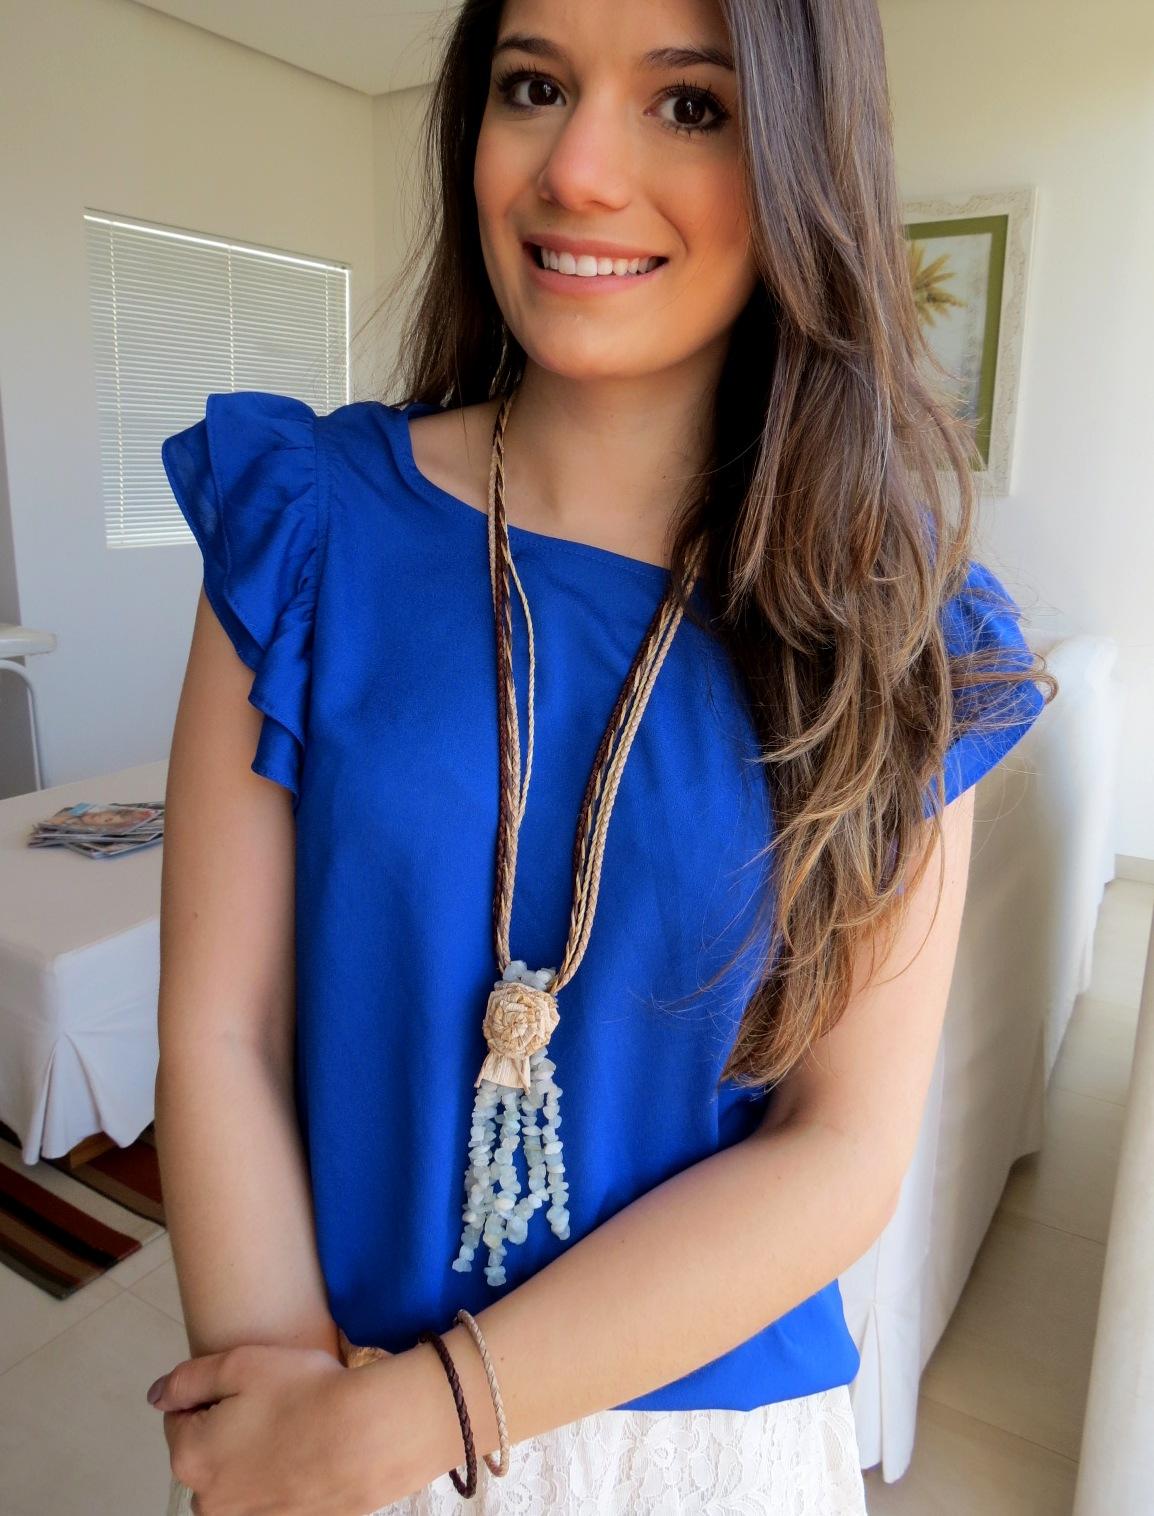 b81d21e658 blusa azul royal 1 ...